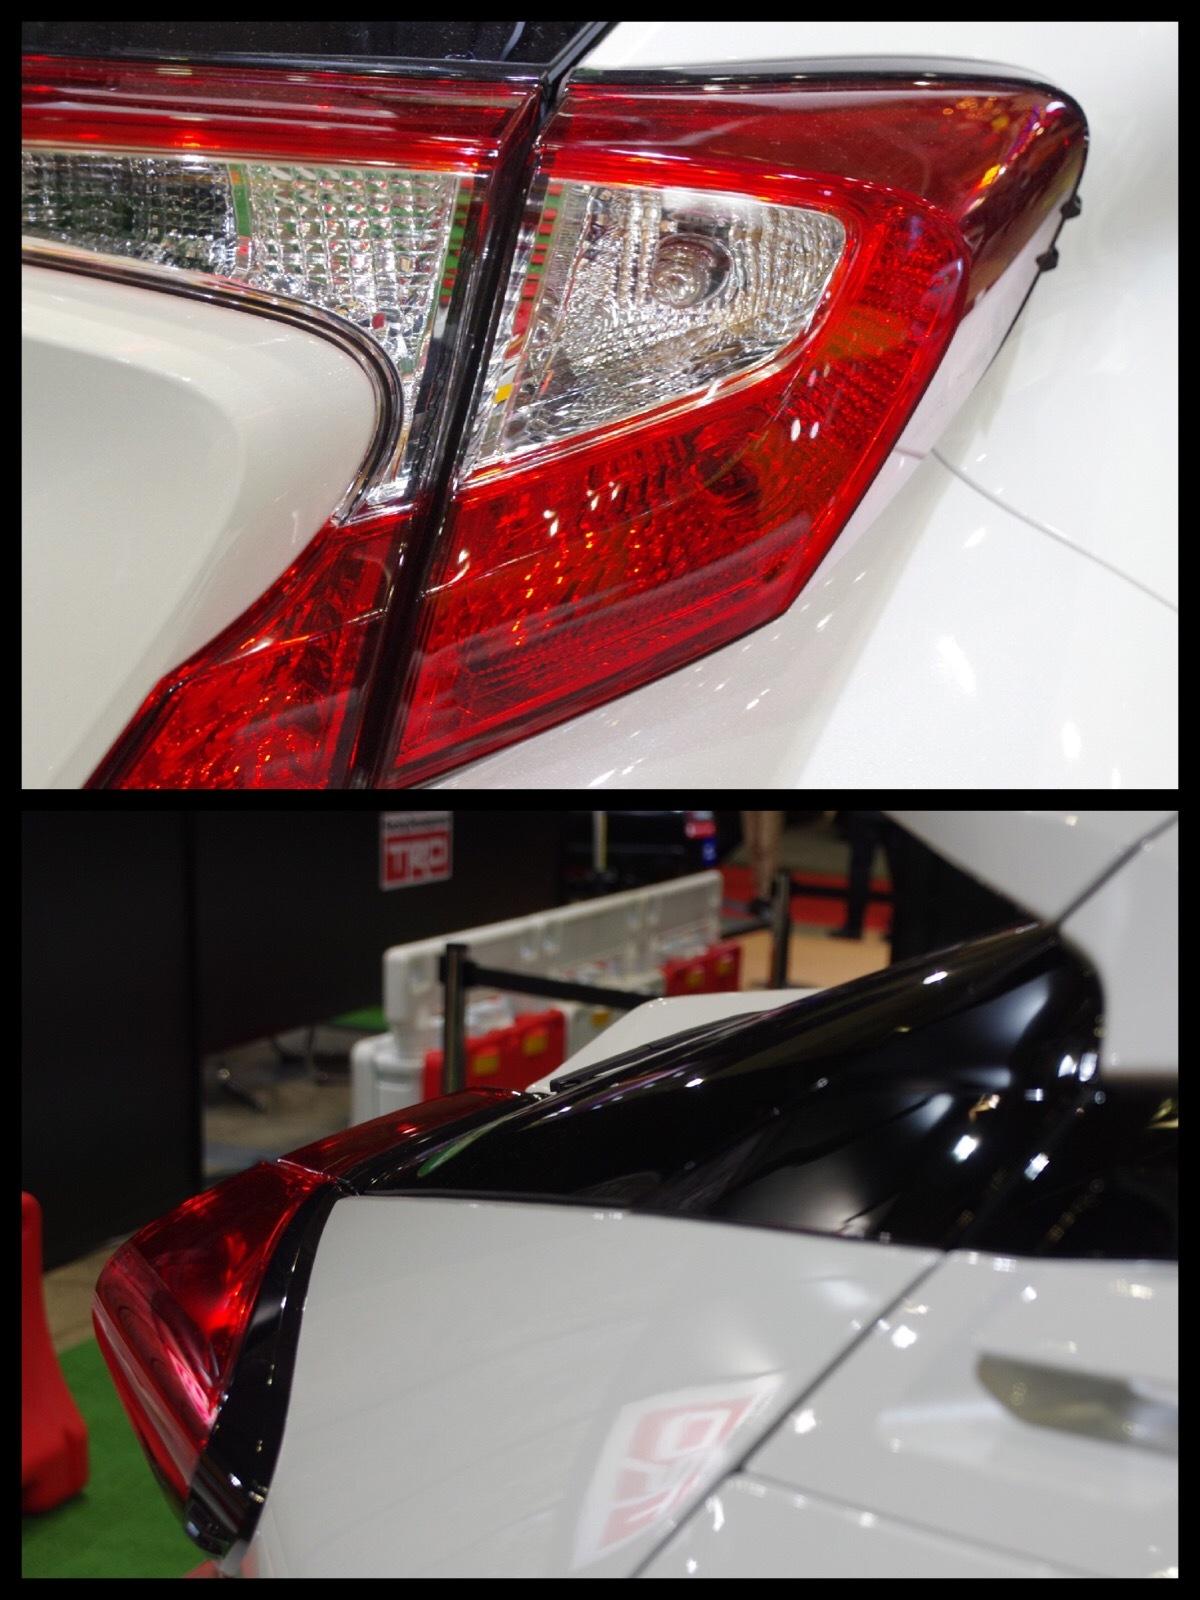 トヨタC-HR カスタマイズ TRD アグレッシブスタイル 東京オートサロン2017